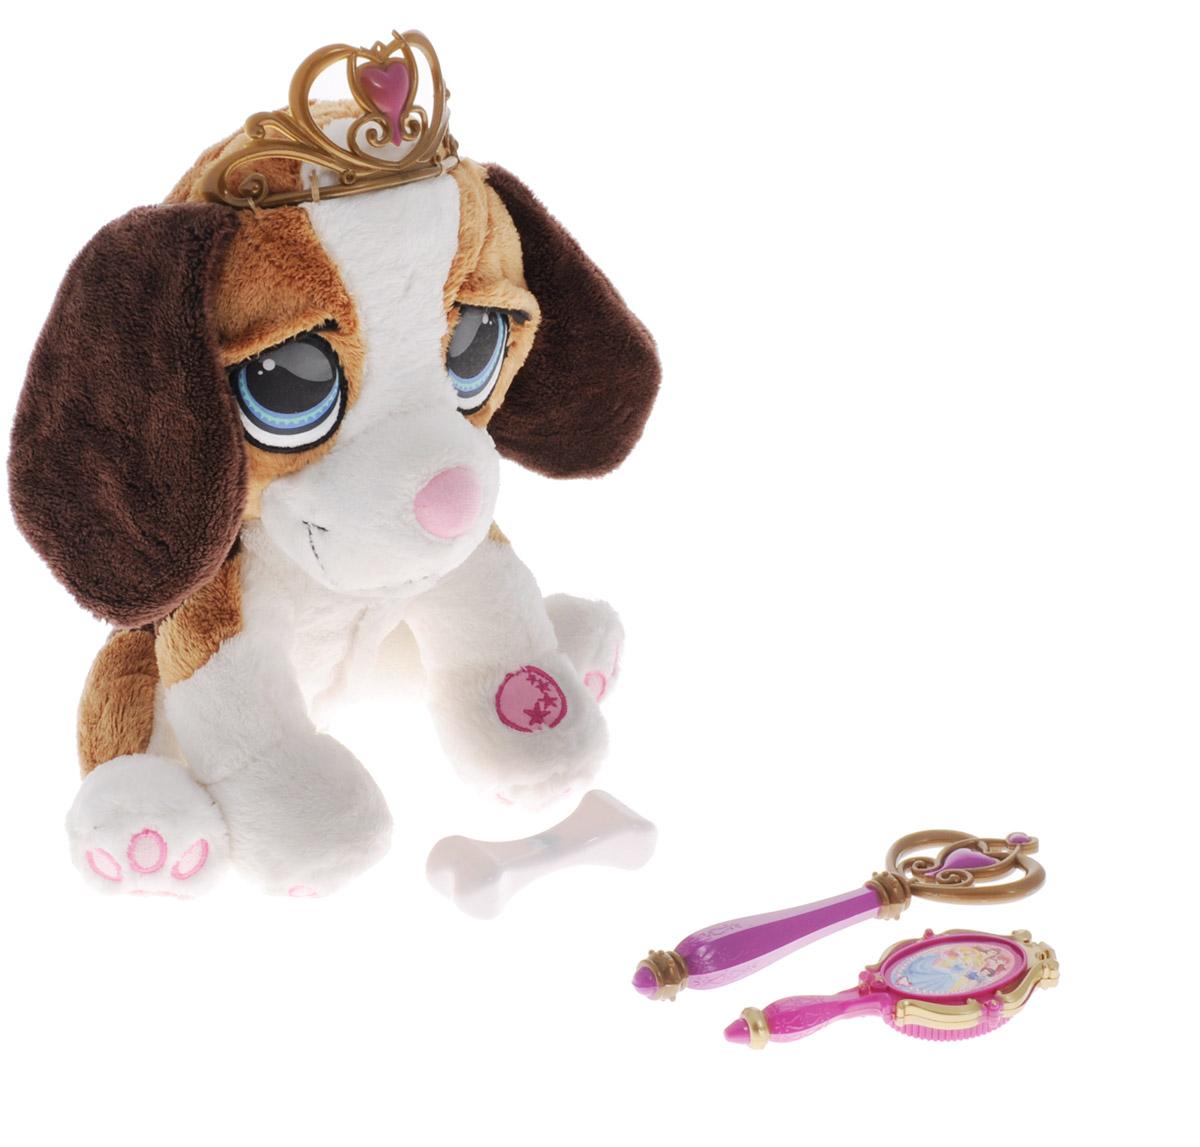 Disney Интерактивная игрушка Щенок принцессы DPPE1